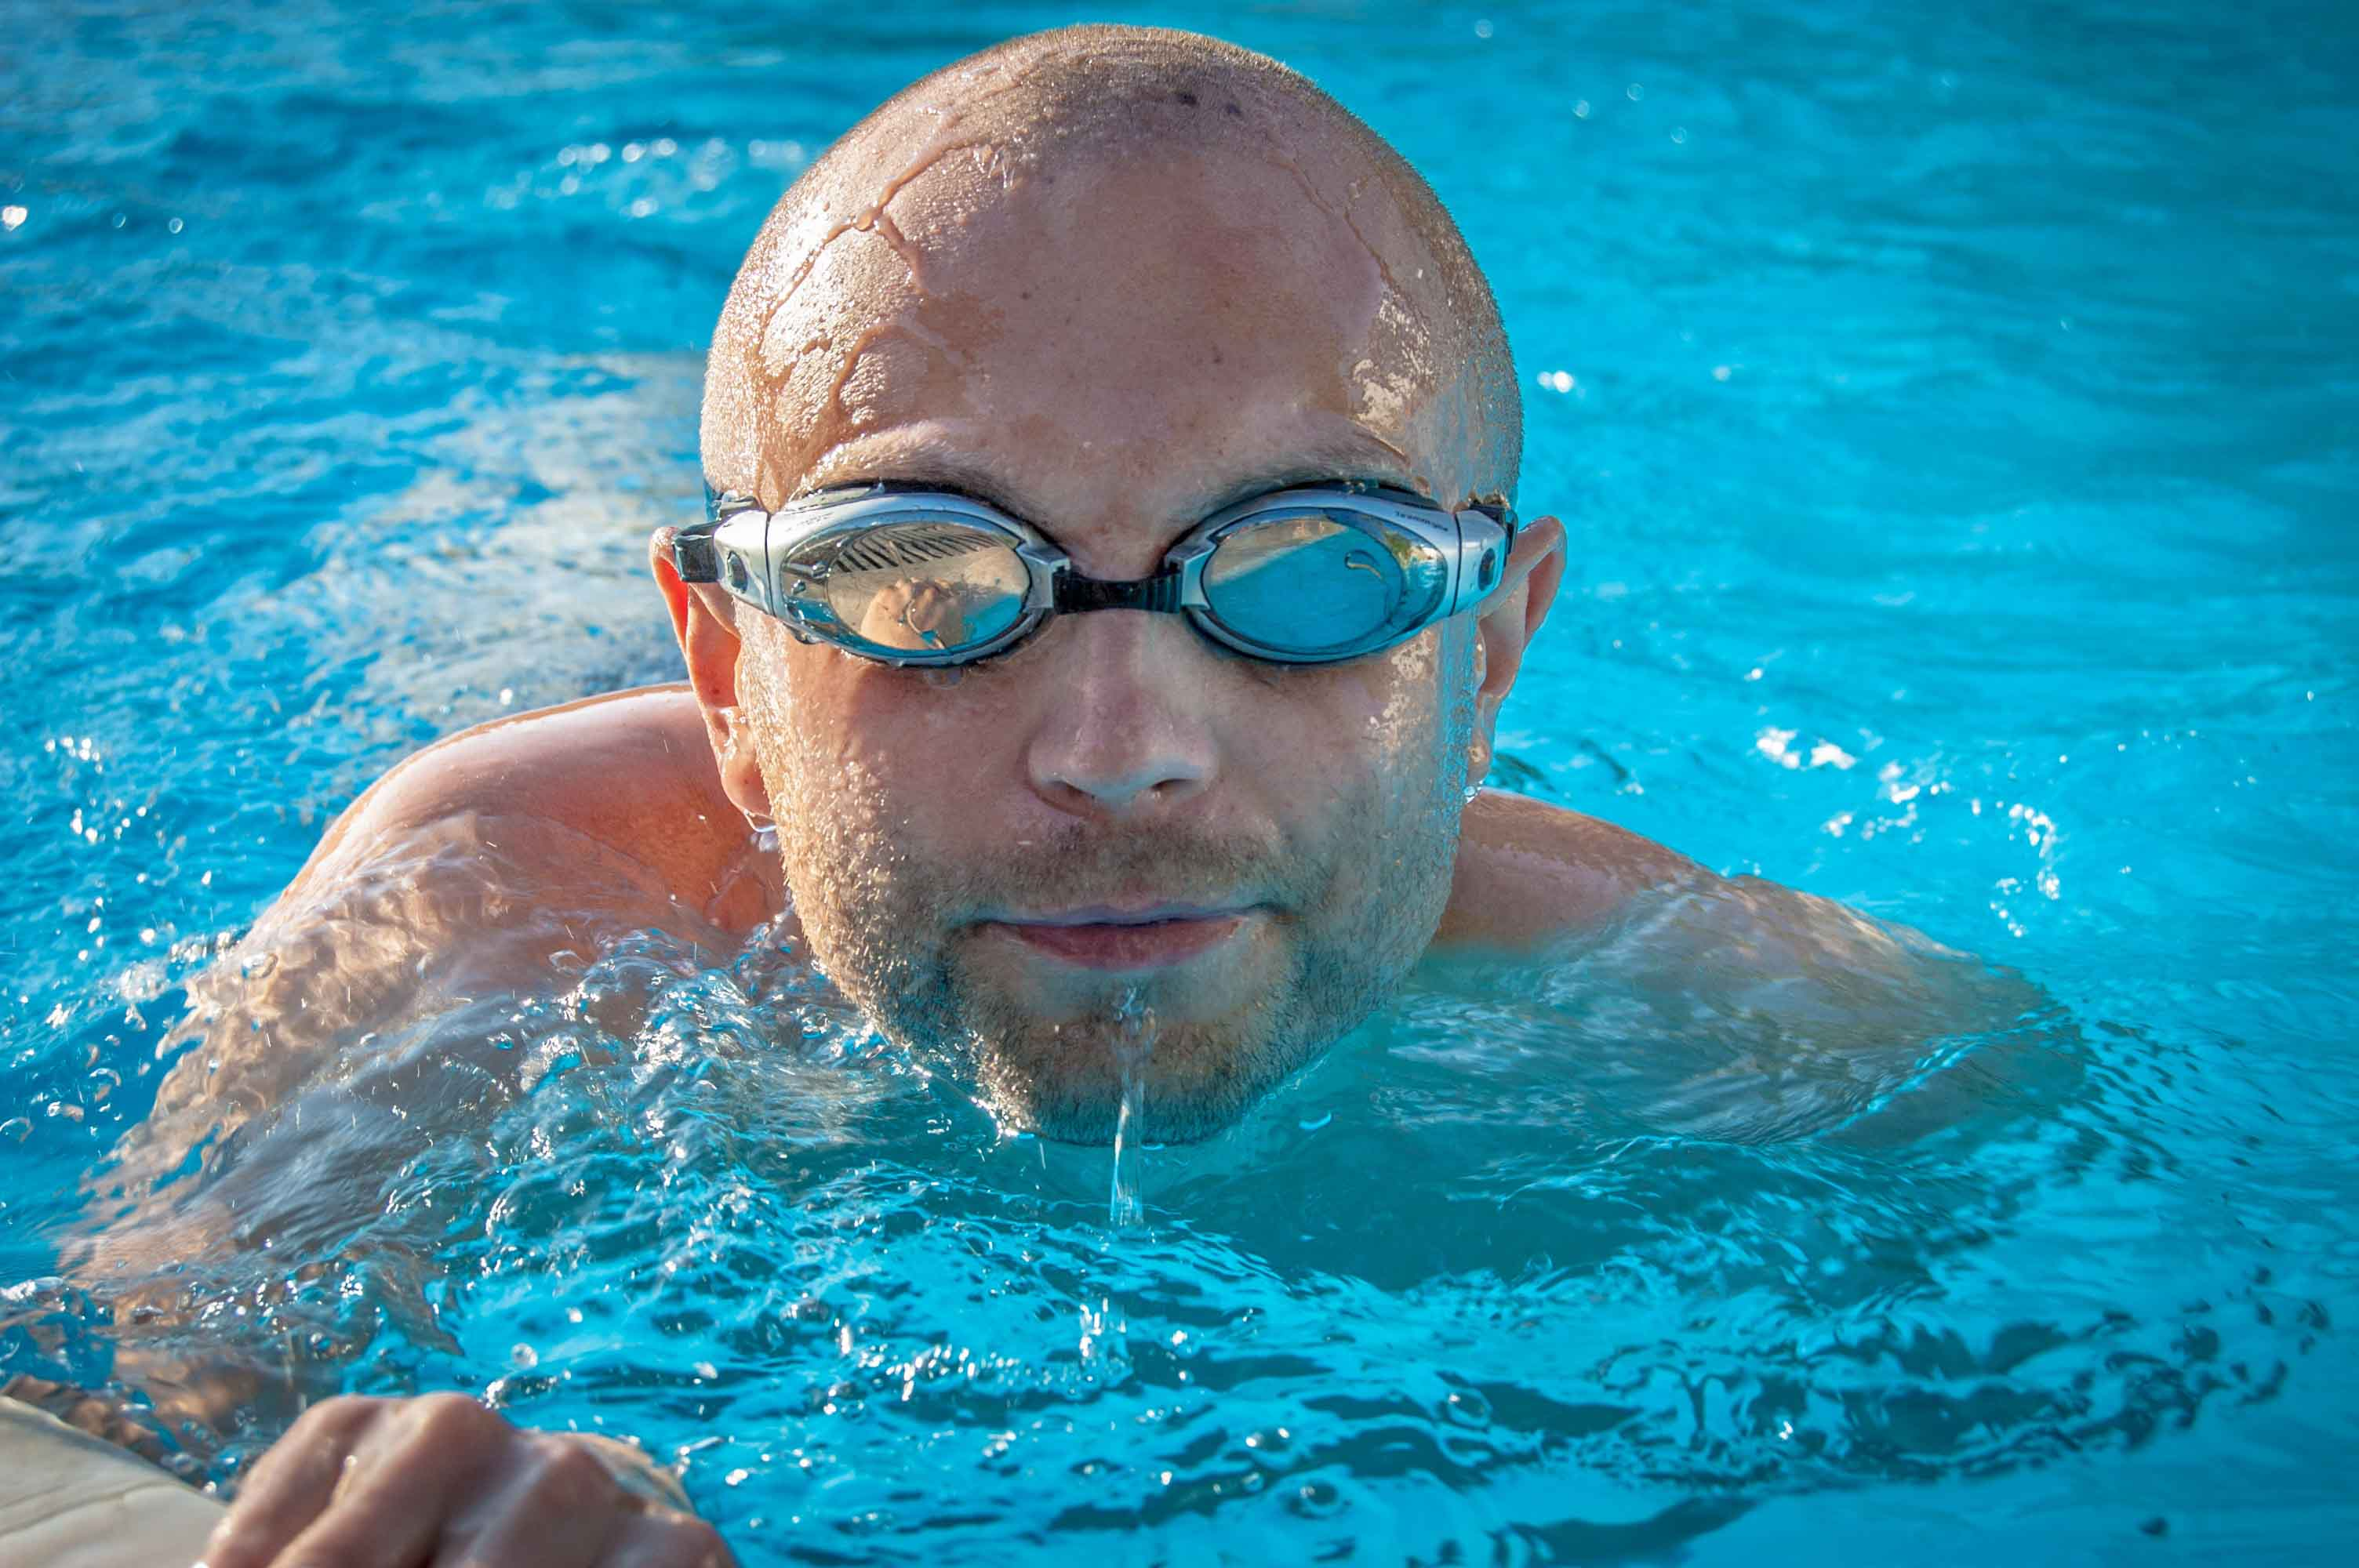 Chico con gafas nadando en piscina